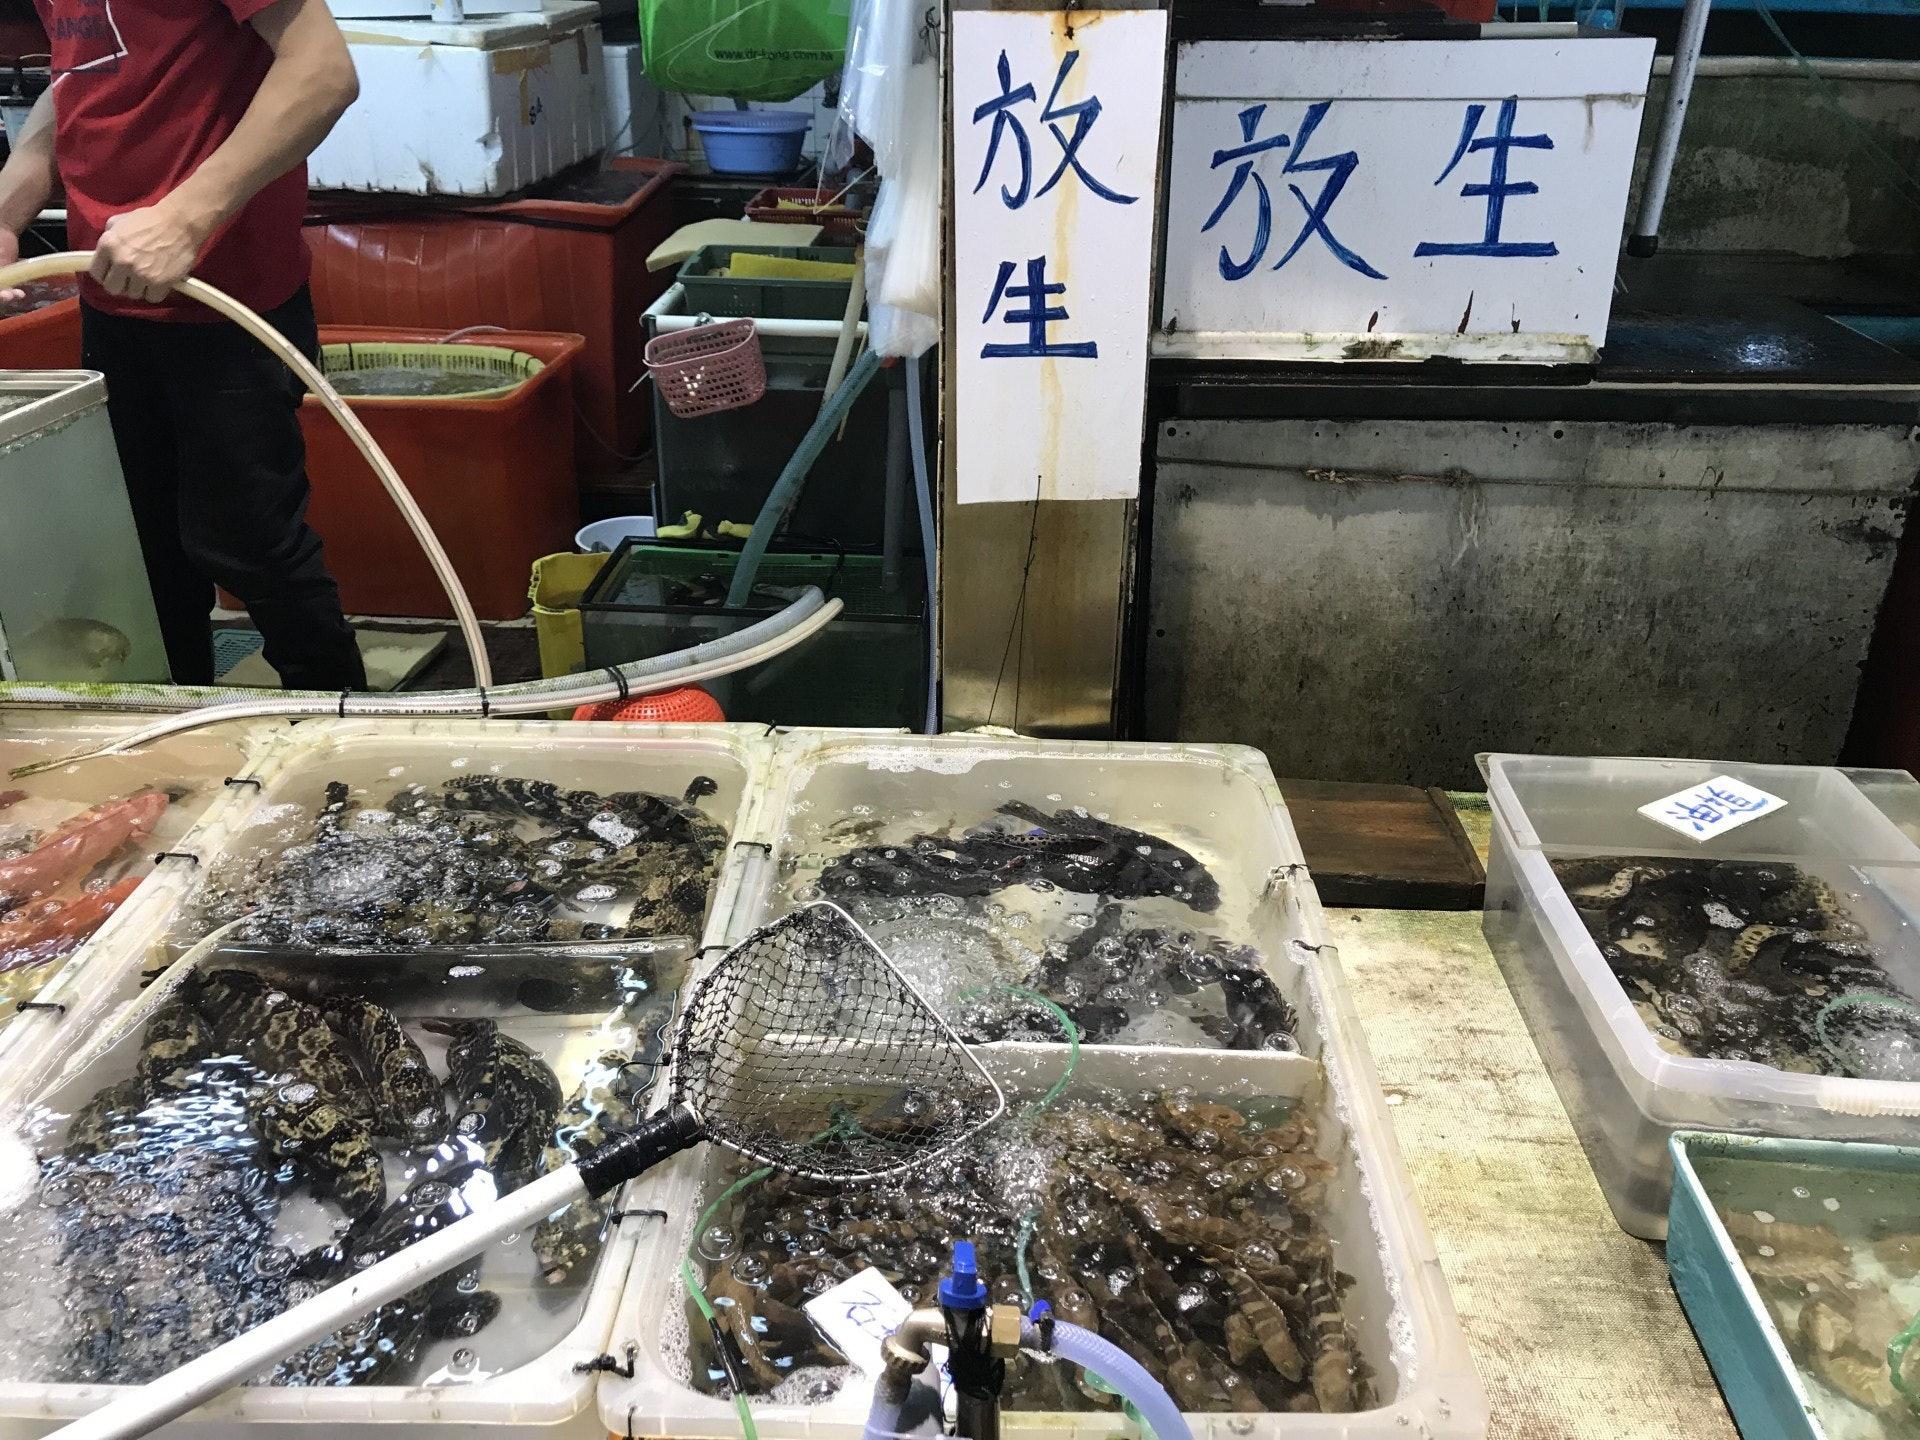 有北角碼頭海鮮檔檔主指沙巴龍躉適合海上放生,一條4至5斤的沙巴龍躉只需300元一條。(資料圖片)